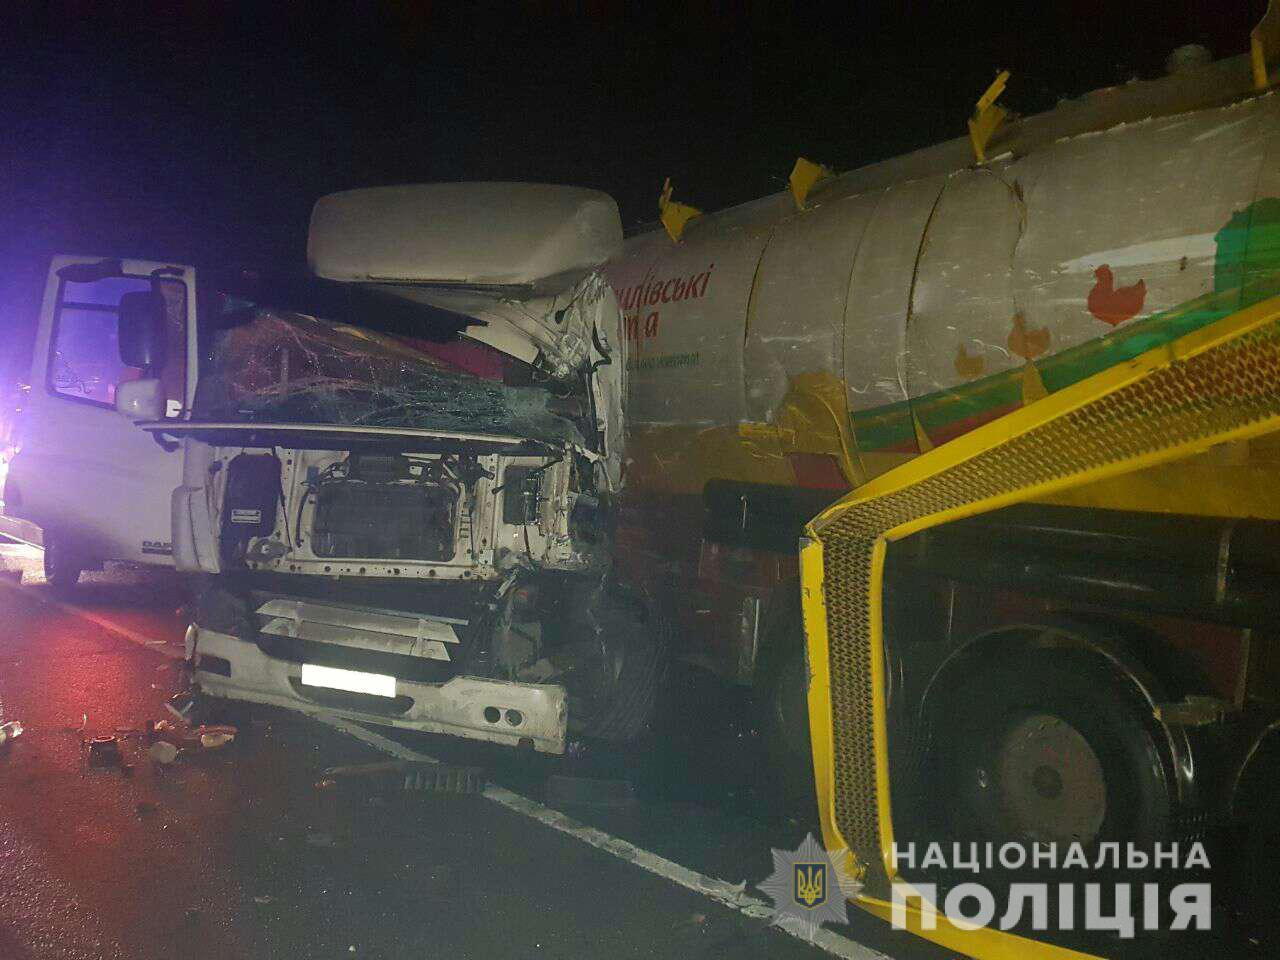 В Харьковкой области произошло масштабное ДТП: фото